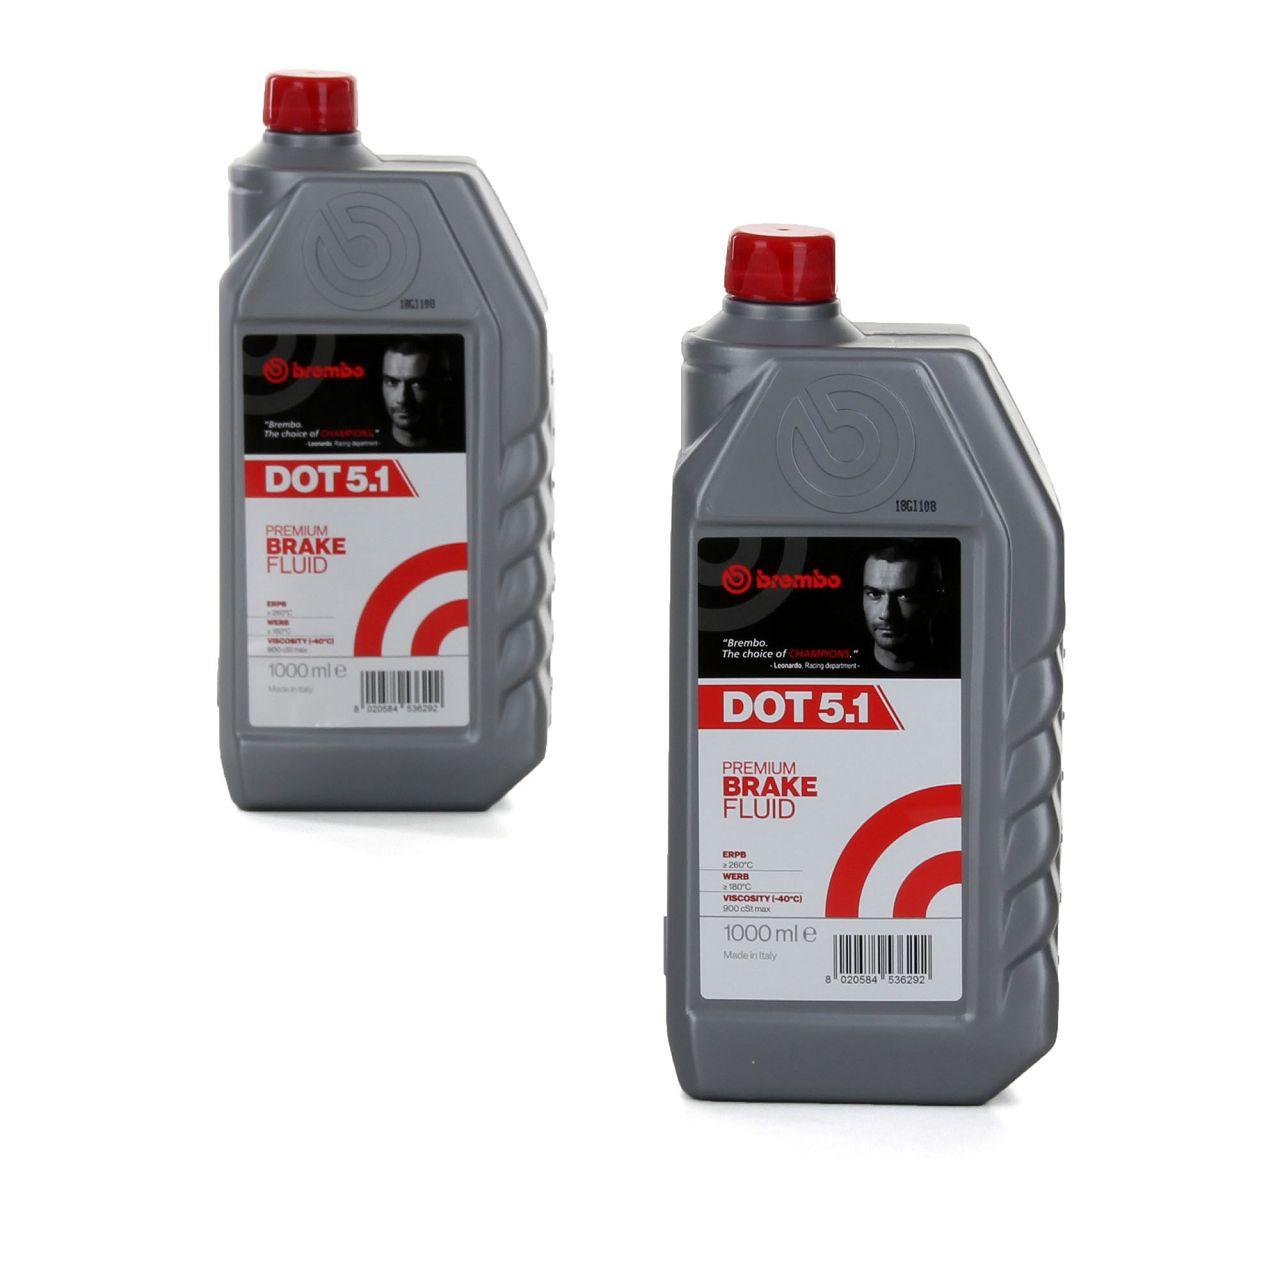 BREMBO Bremsflüssigkeit L05010 DOT 5.1 Premium Brake Fluid 2 L 2 Liter